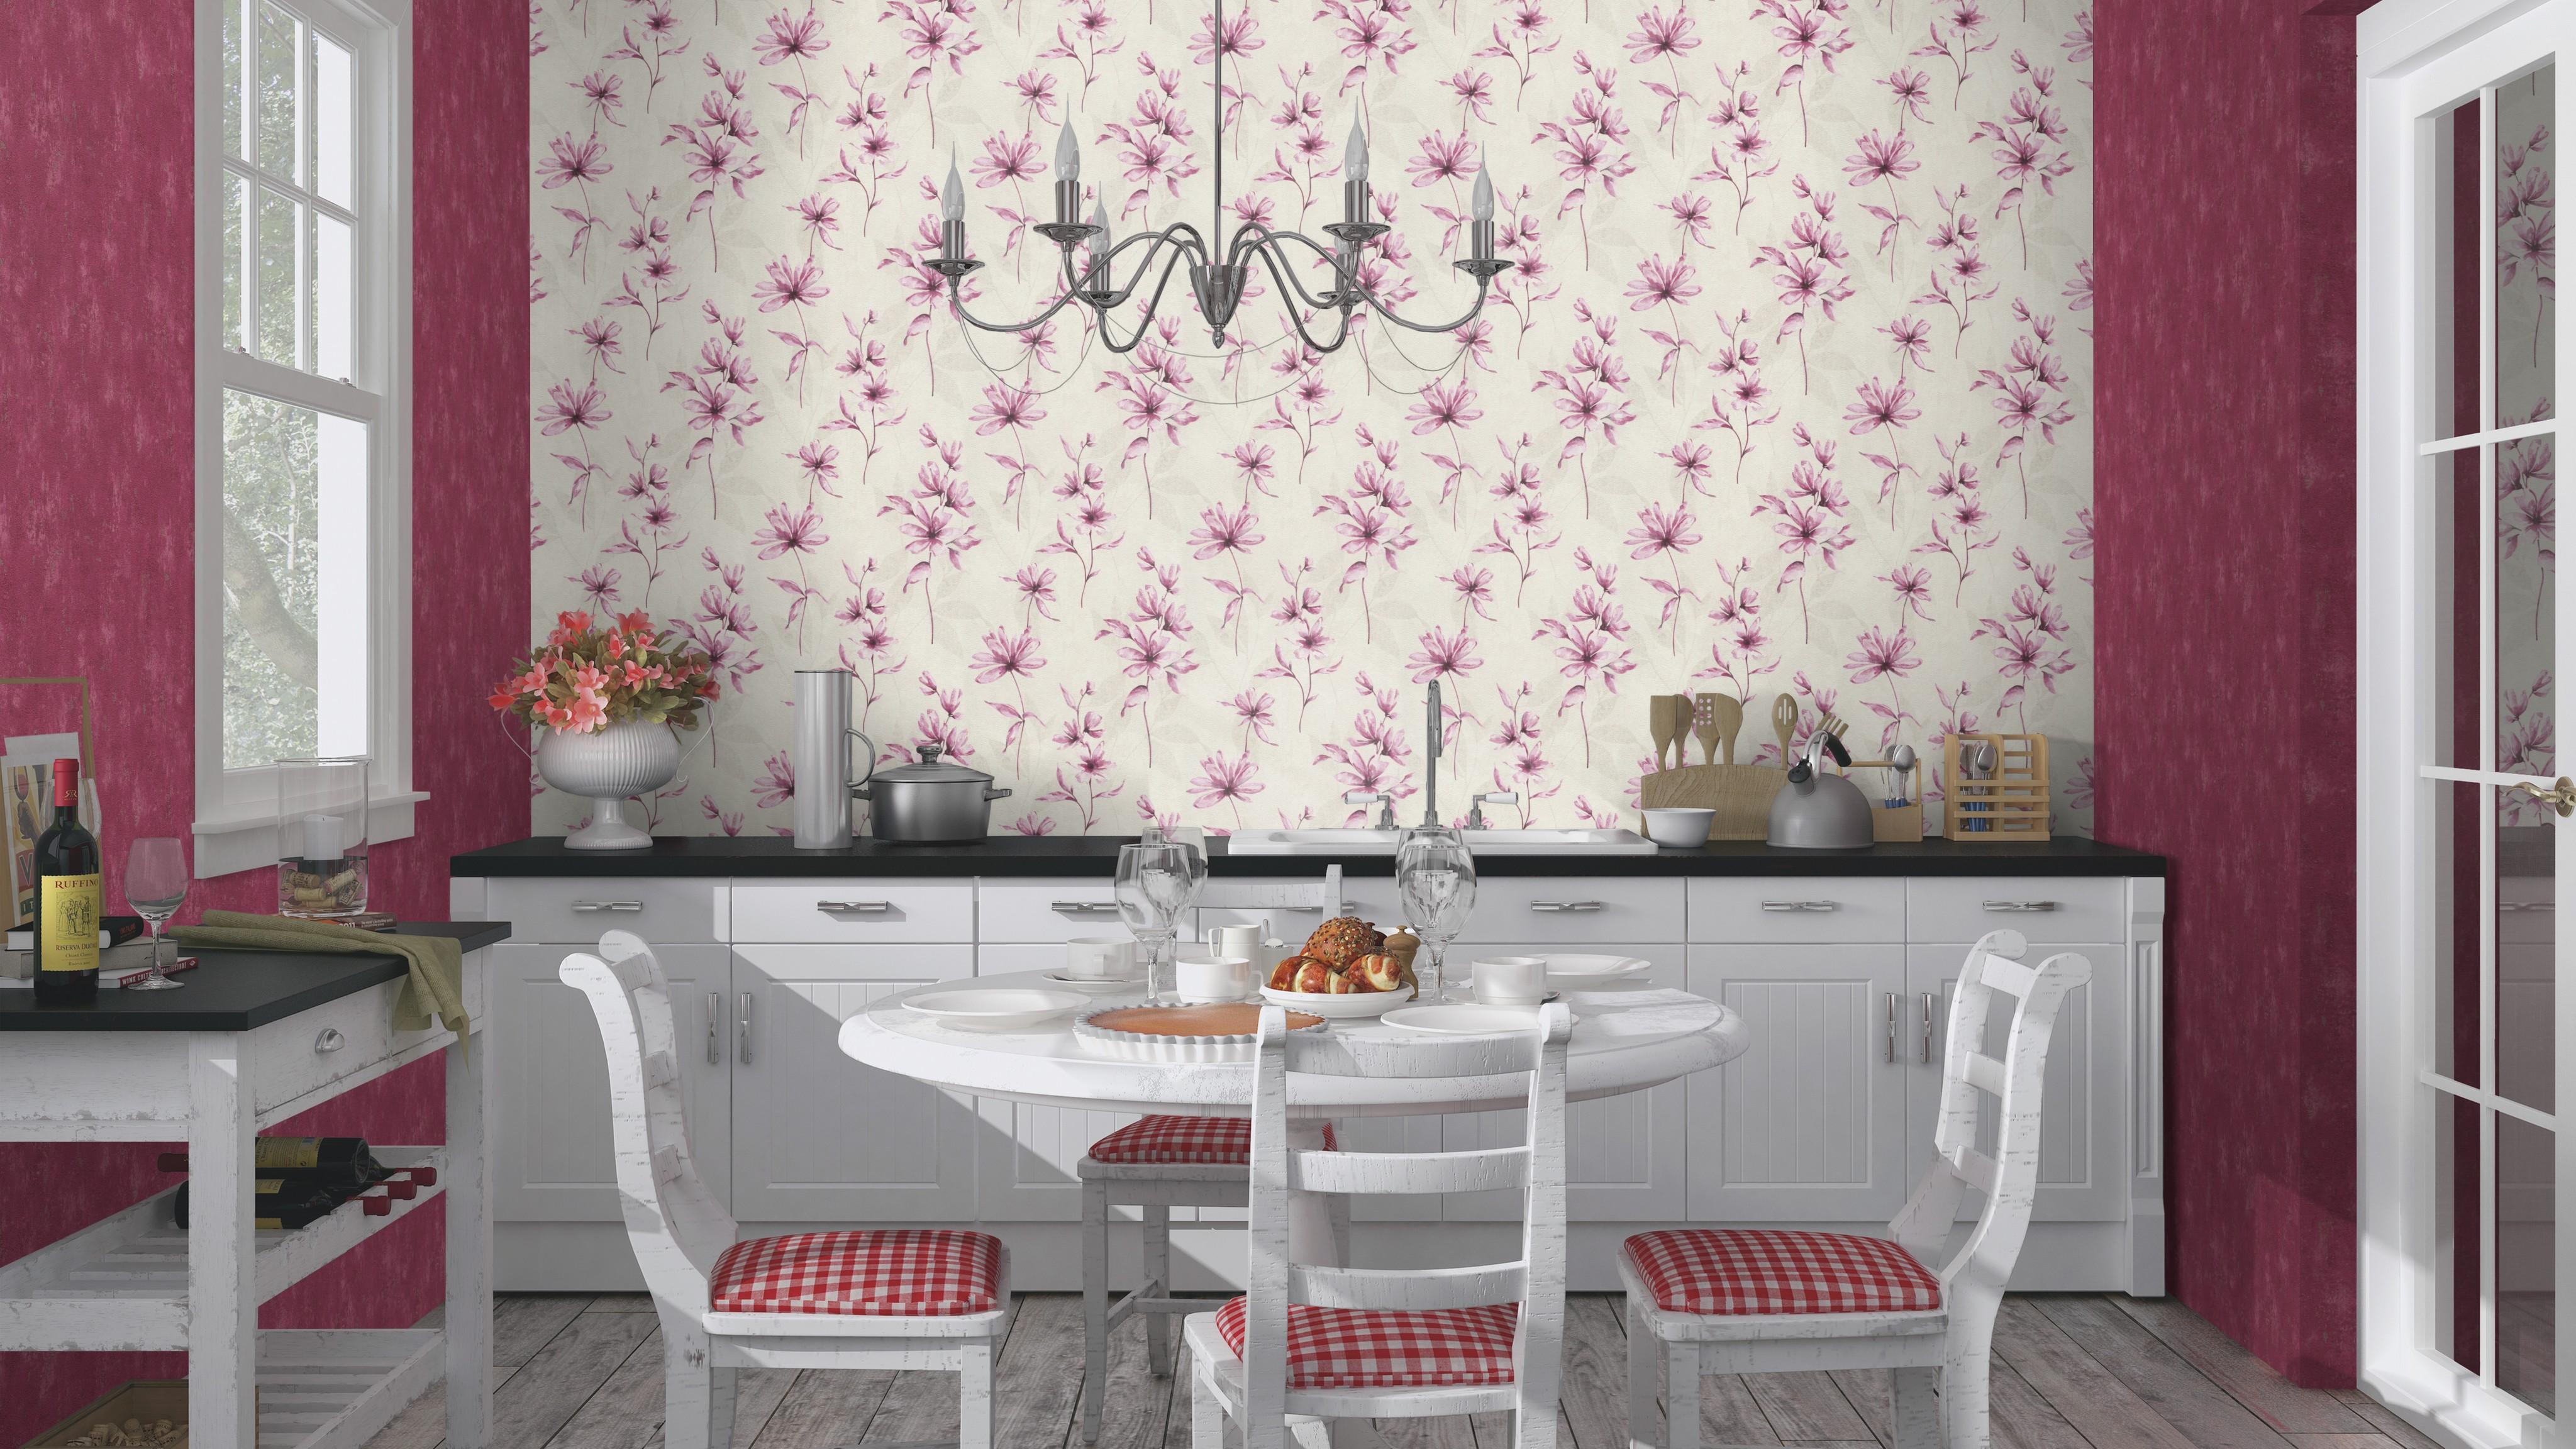 Какие выбрать обои на кухню: 10 видов – какие лучше, как выбрать цвет и подобрать материал, фото в разных стилях, для маленькой кухни, моющиеся, бумажные и другие